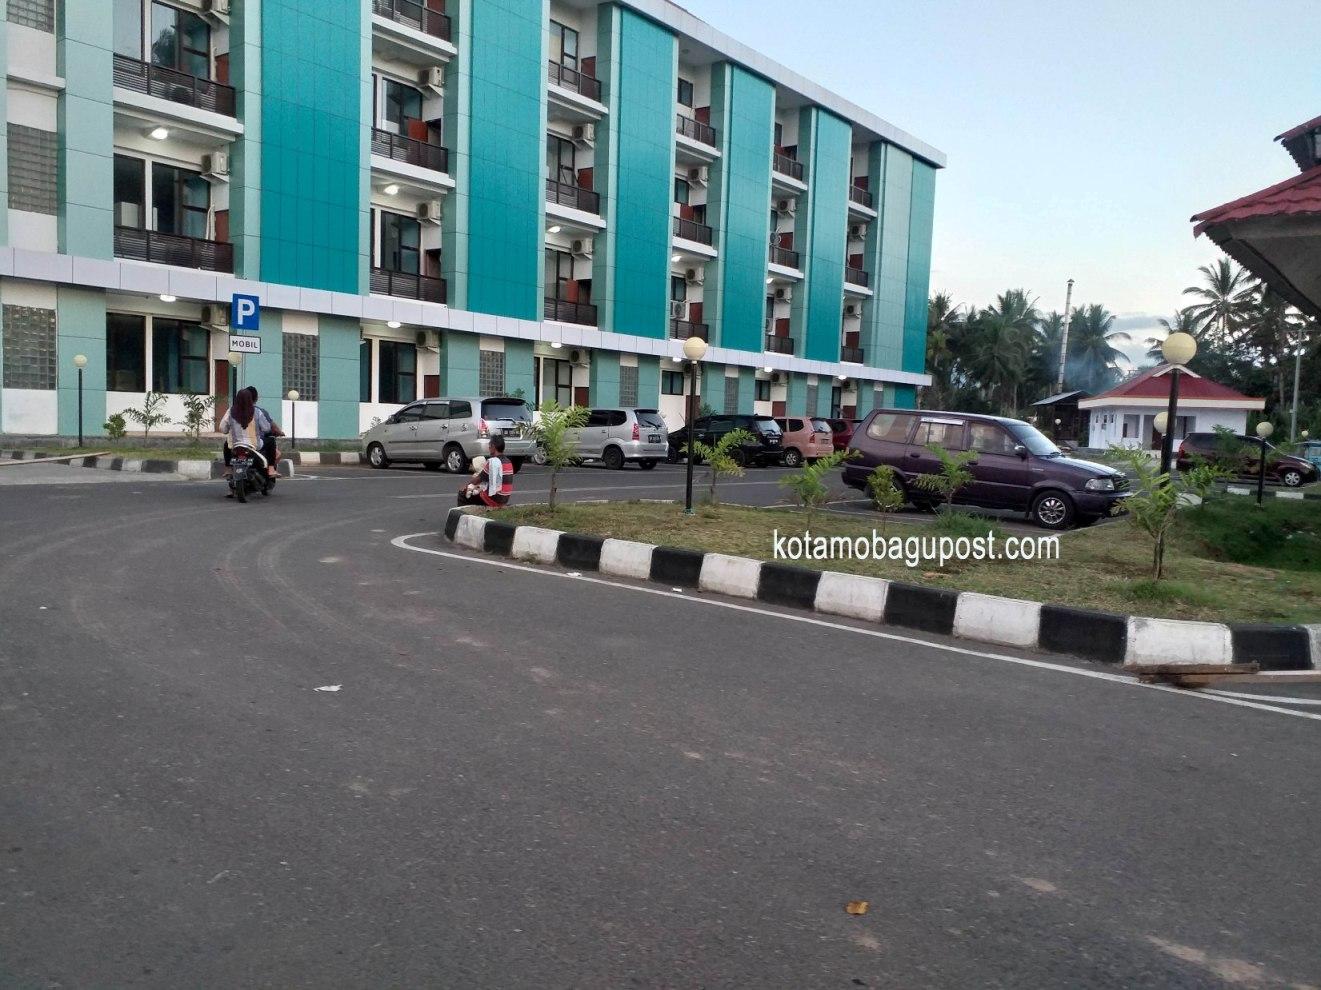 Wajah Ceria RSUD Kotamobagu, Halaman Nan Luas, Dilengkap Portal Otomatis, Seharian Parkir Hanya Rp1000